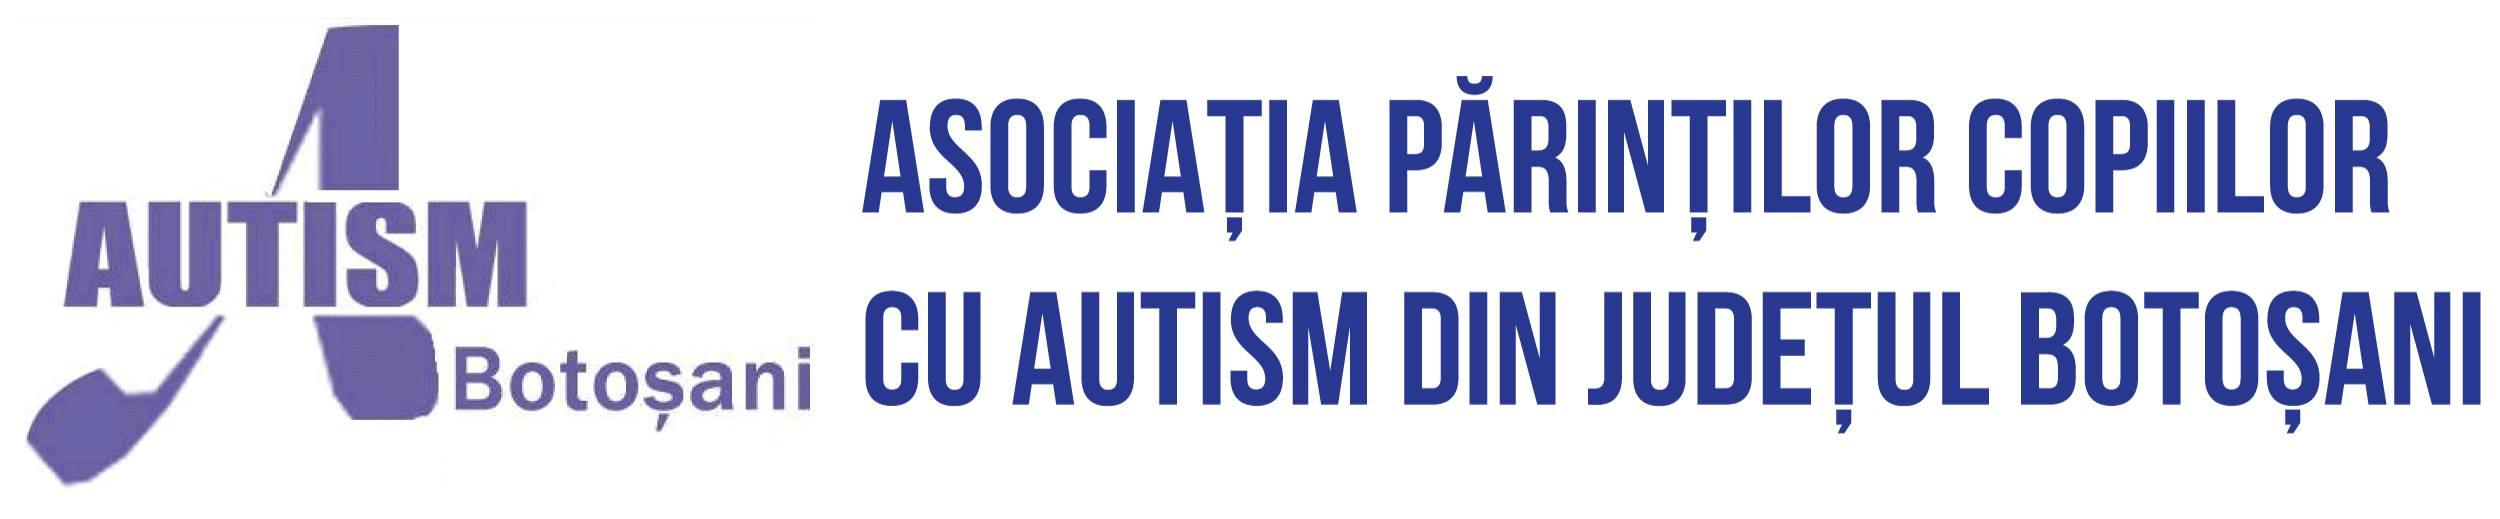 Asociația Părinților Copiilor cu Autism din județul Botoșani (APCA Botoșani) logo